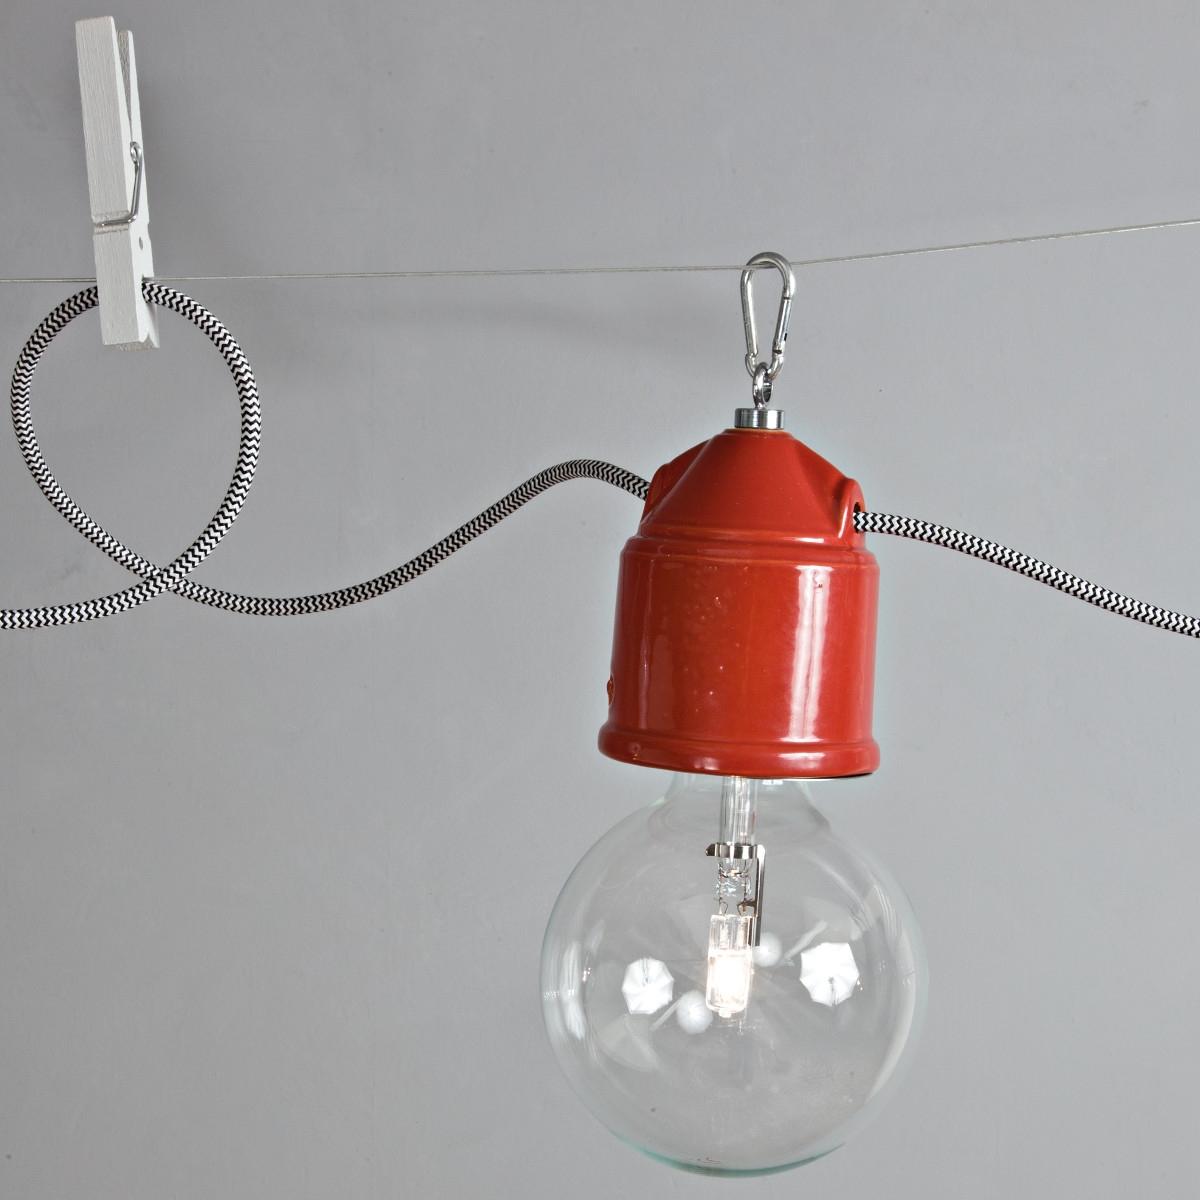 Mehrflammiges Seilsystem Mit Fassungsleuchten In Keramik Im